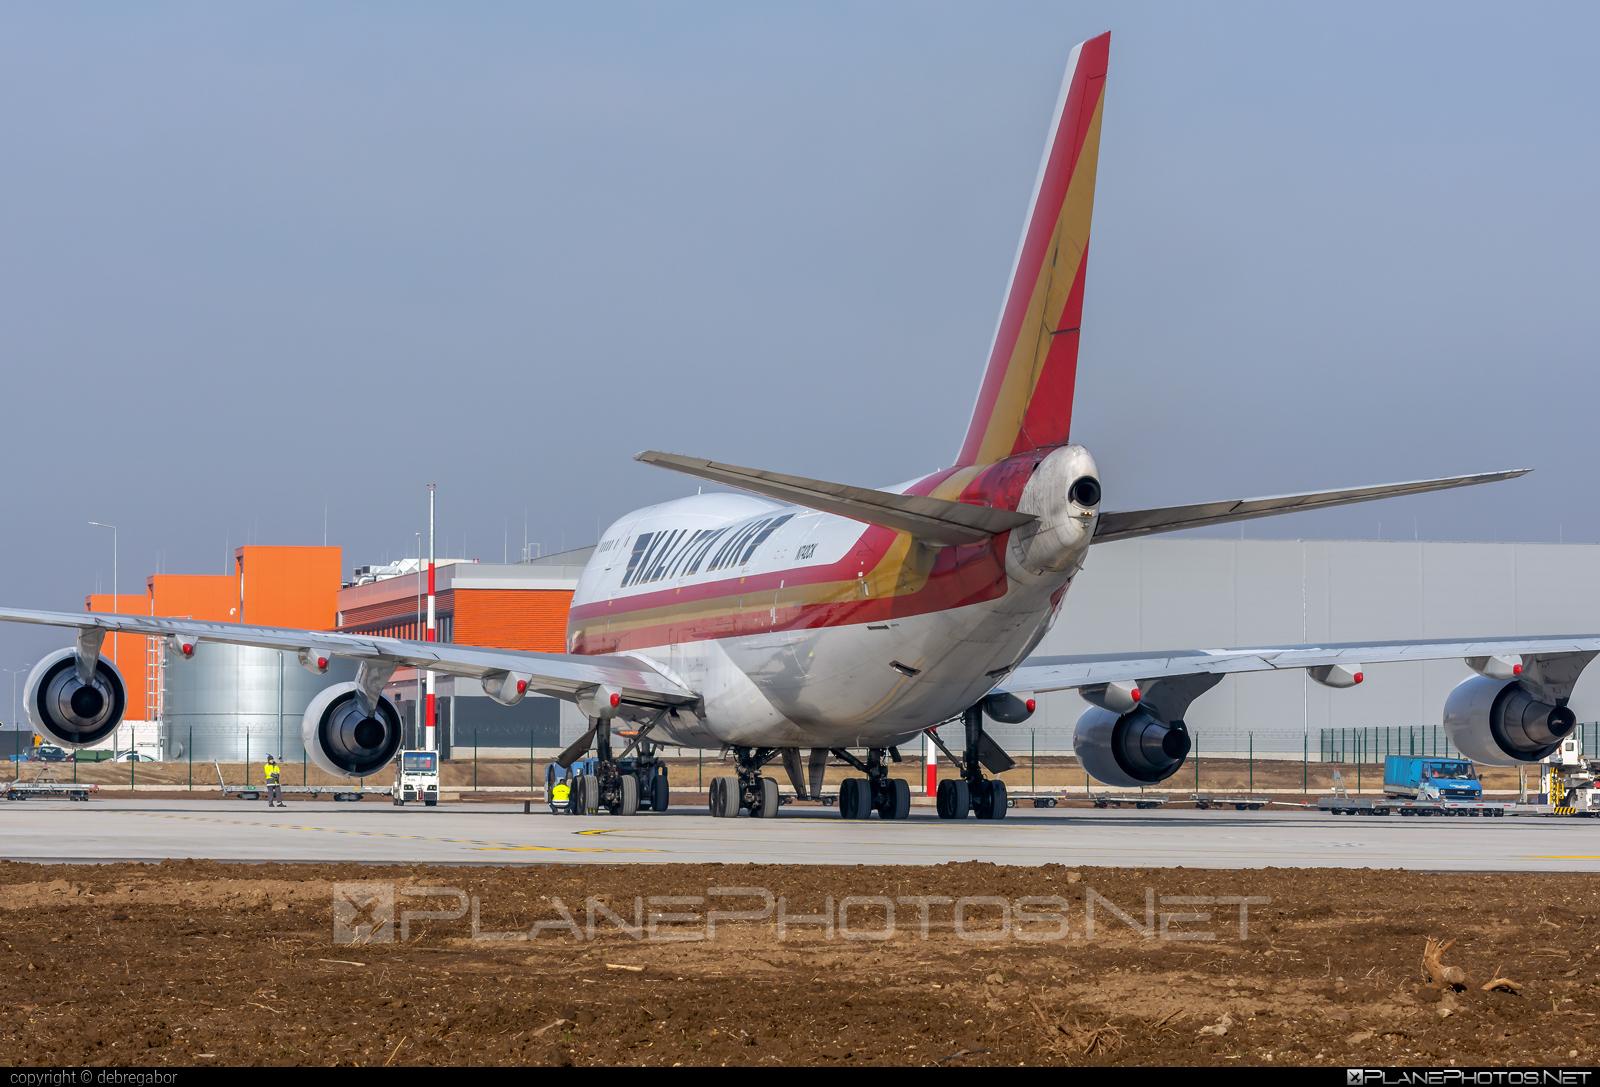 Boeing 747-400BCF - N742CK operated by Kalitta Air #b747 #b747bcf #boeing #boeing747 #boeingconvertedfreighter #jumbo